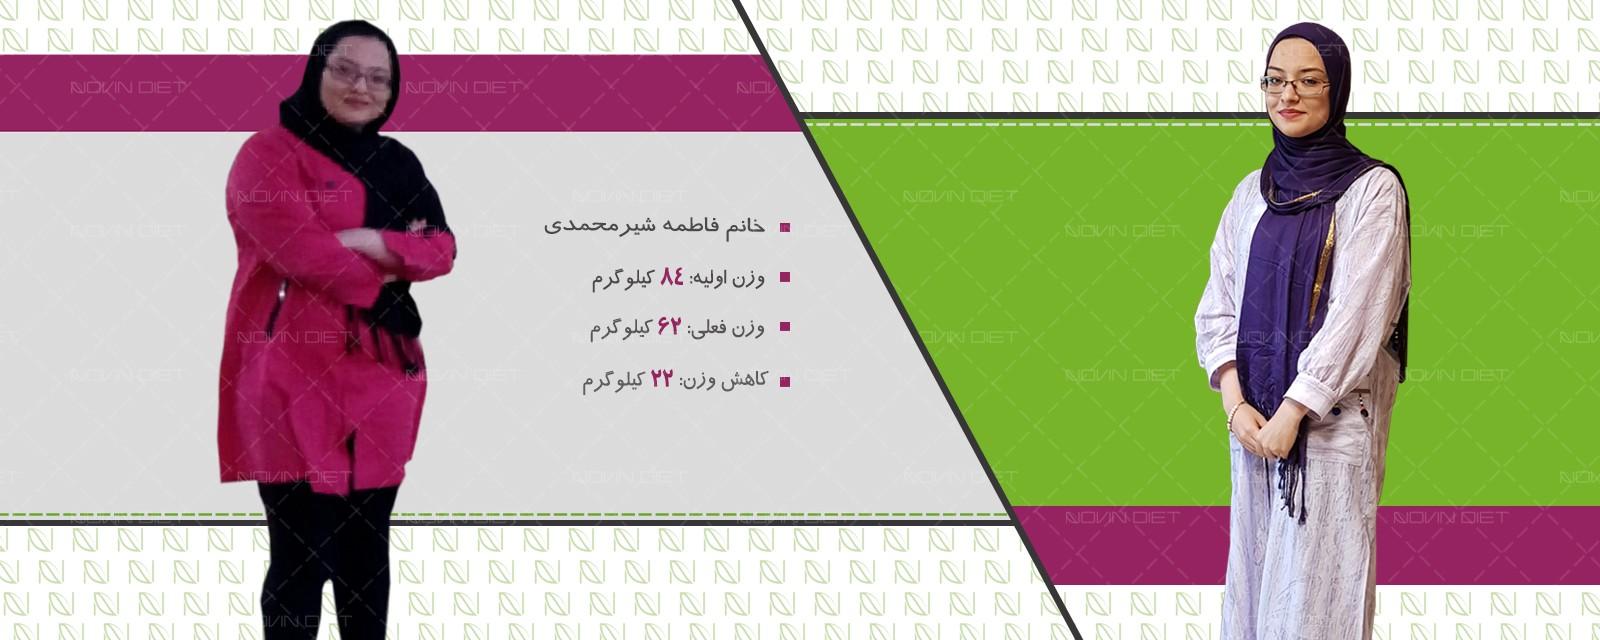 خانم فاطمه شیر محمدی با 22 کیلوگرم کاهش وزن